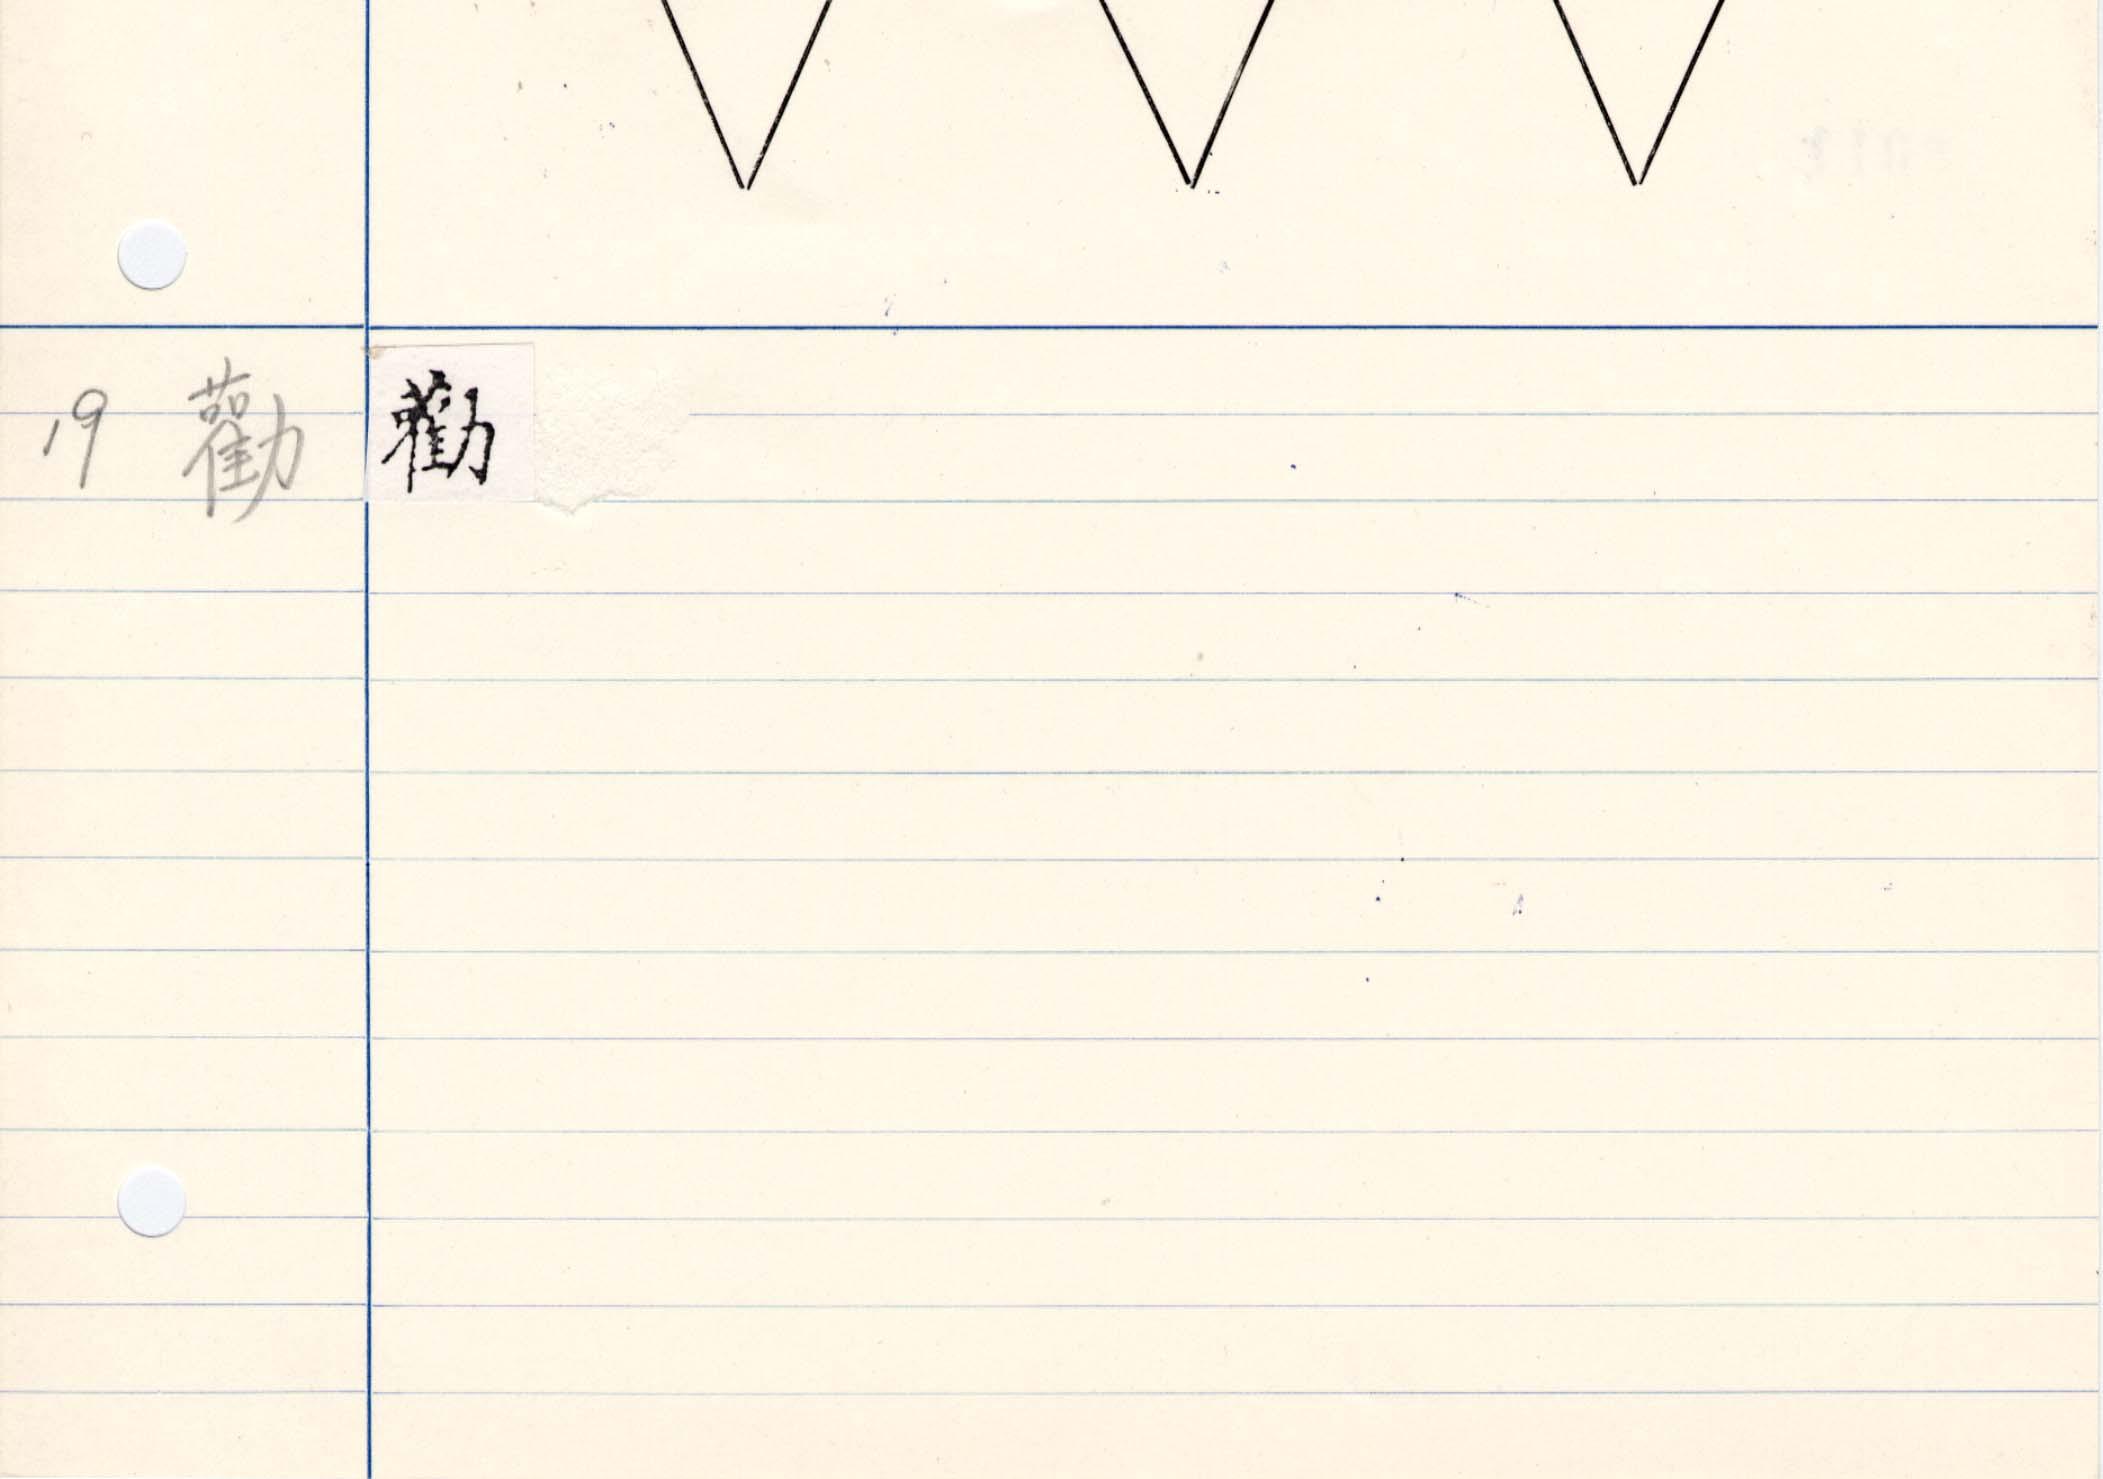 11_妙法蓮華經卷三(守屋本)/cards/0011.jpg